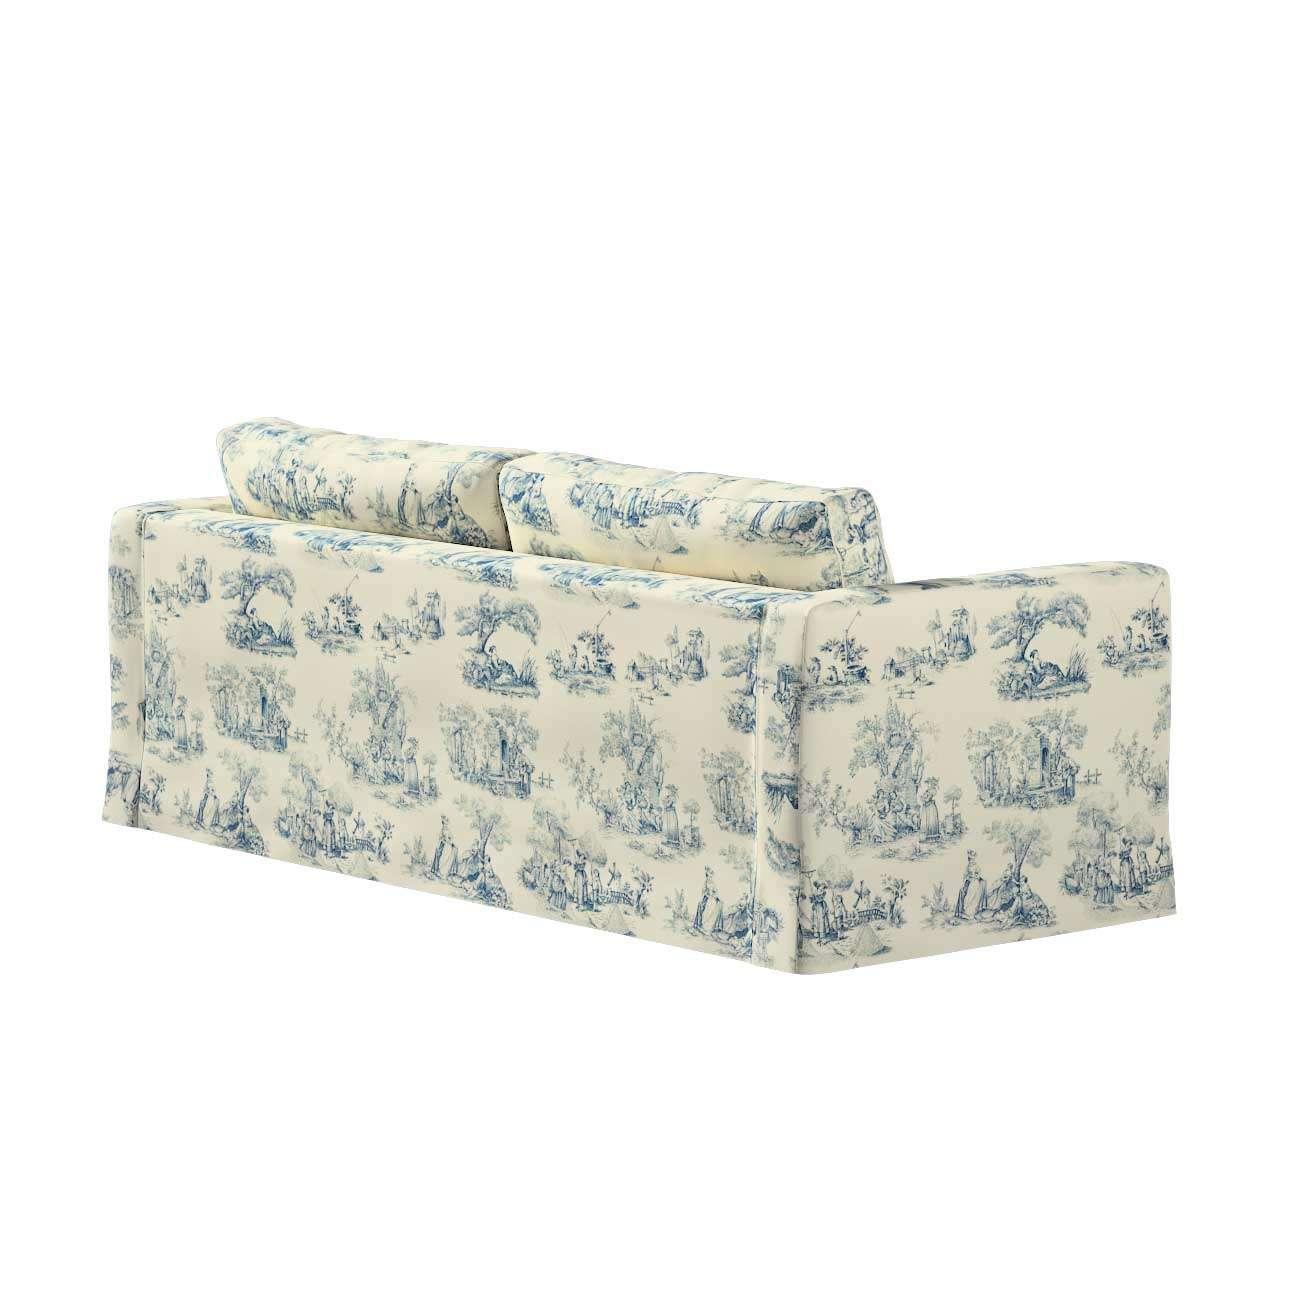 Pokrowiec na sofę Karlstad 3-osobową nierozkładaną, długi w kolekcji Avinon, tkanina: 132-66